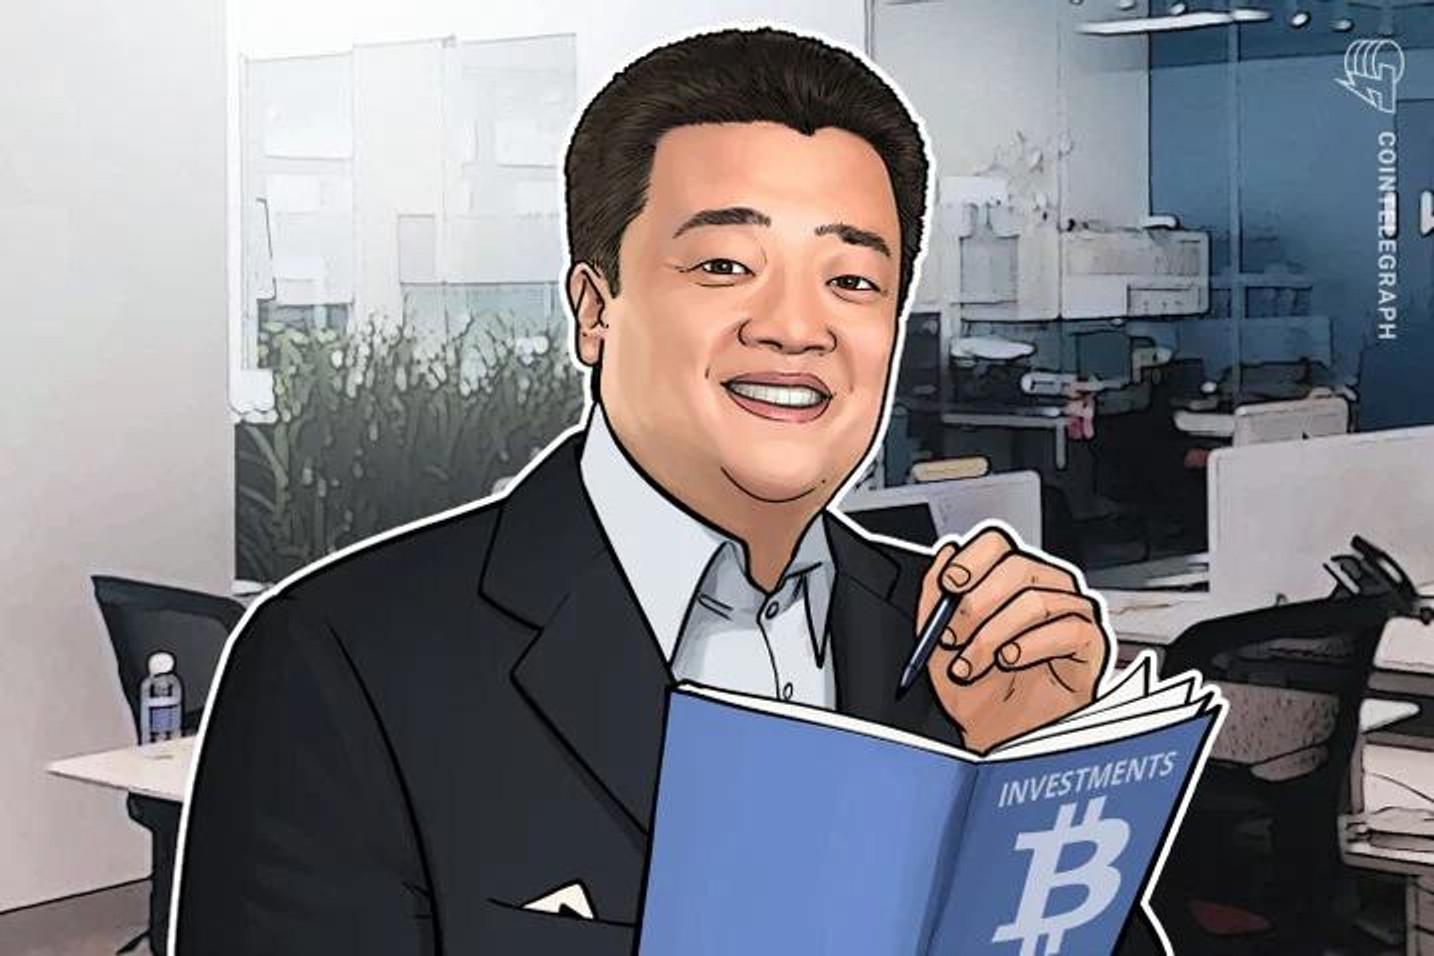 Bobby Lee apuesta a que el precio de Bitcoin superará los 40.000 dólares en 2021